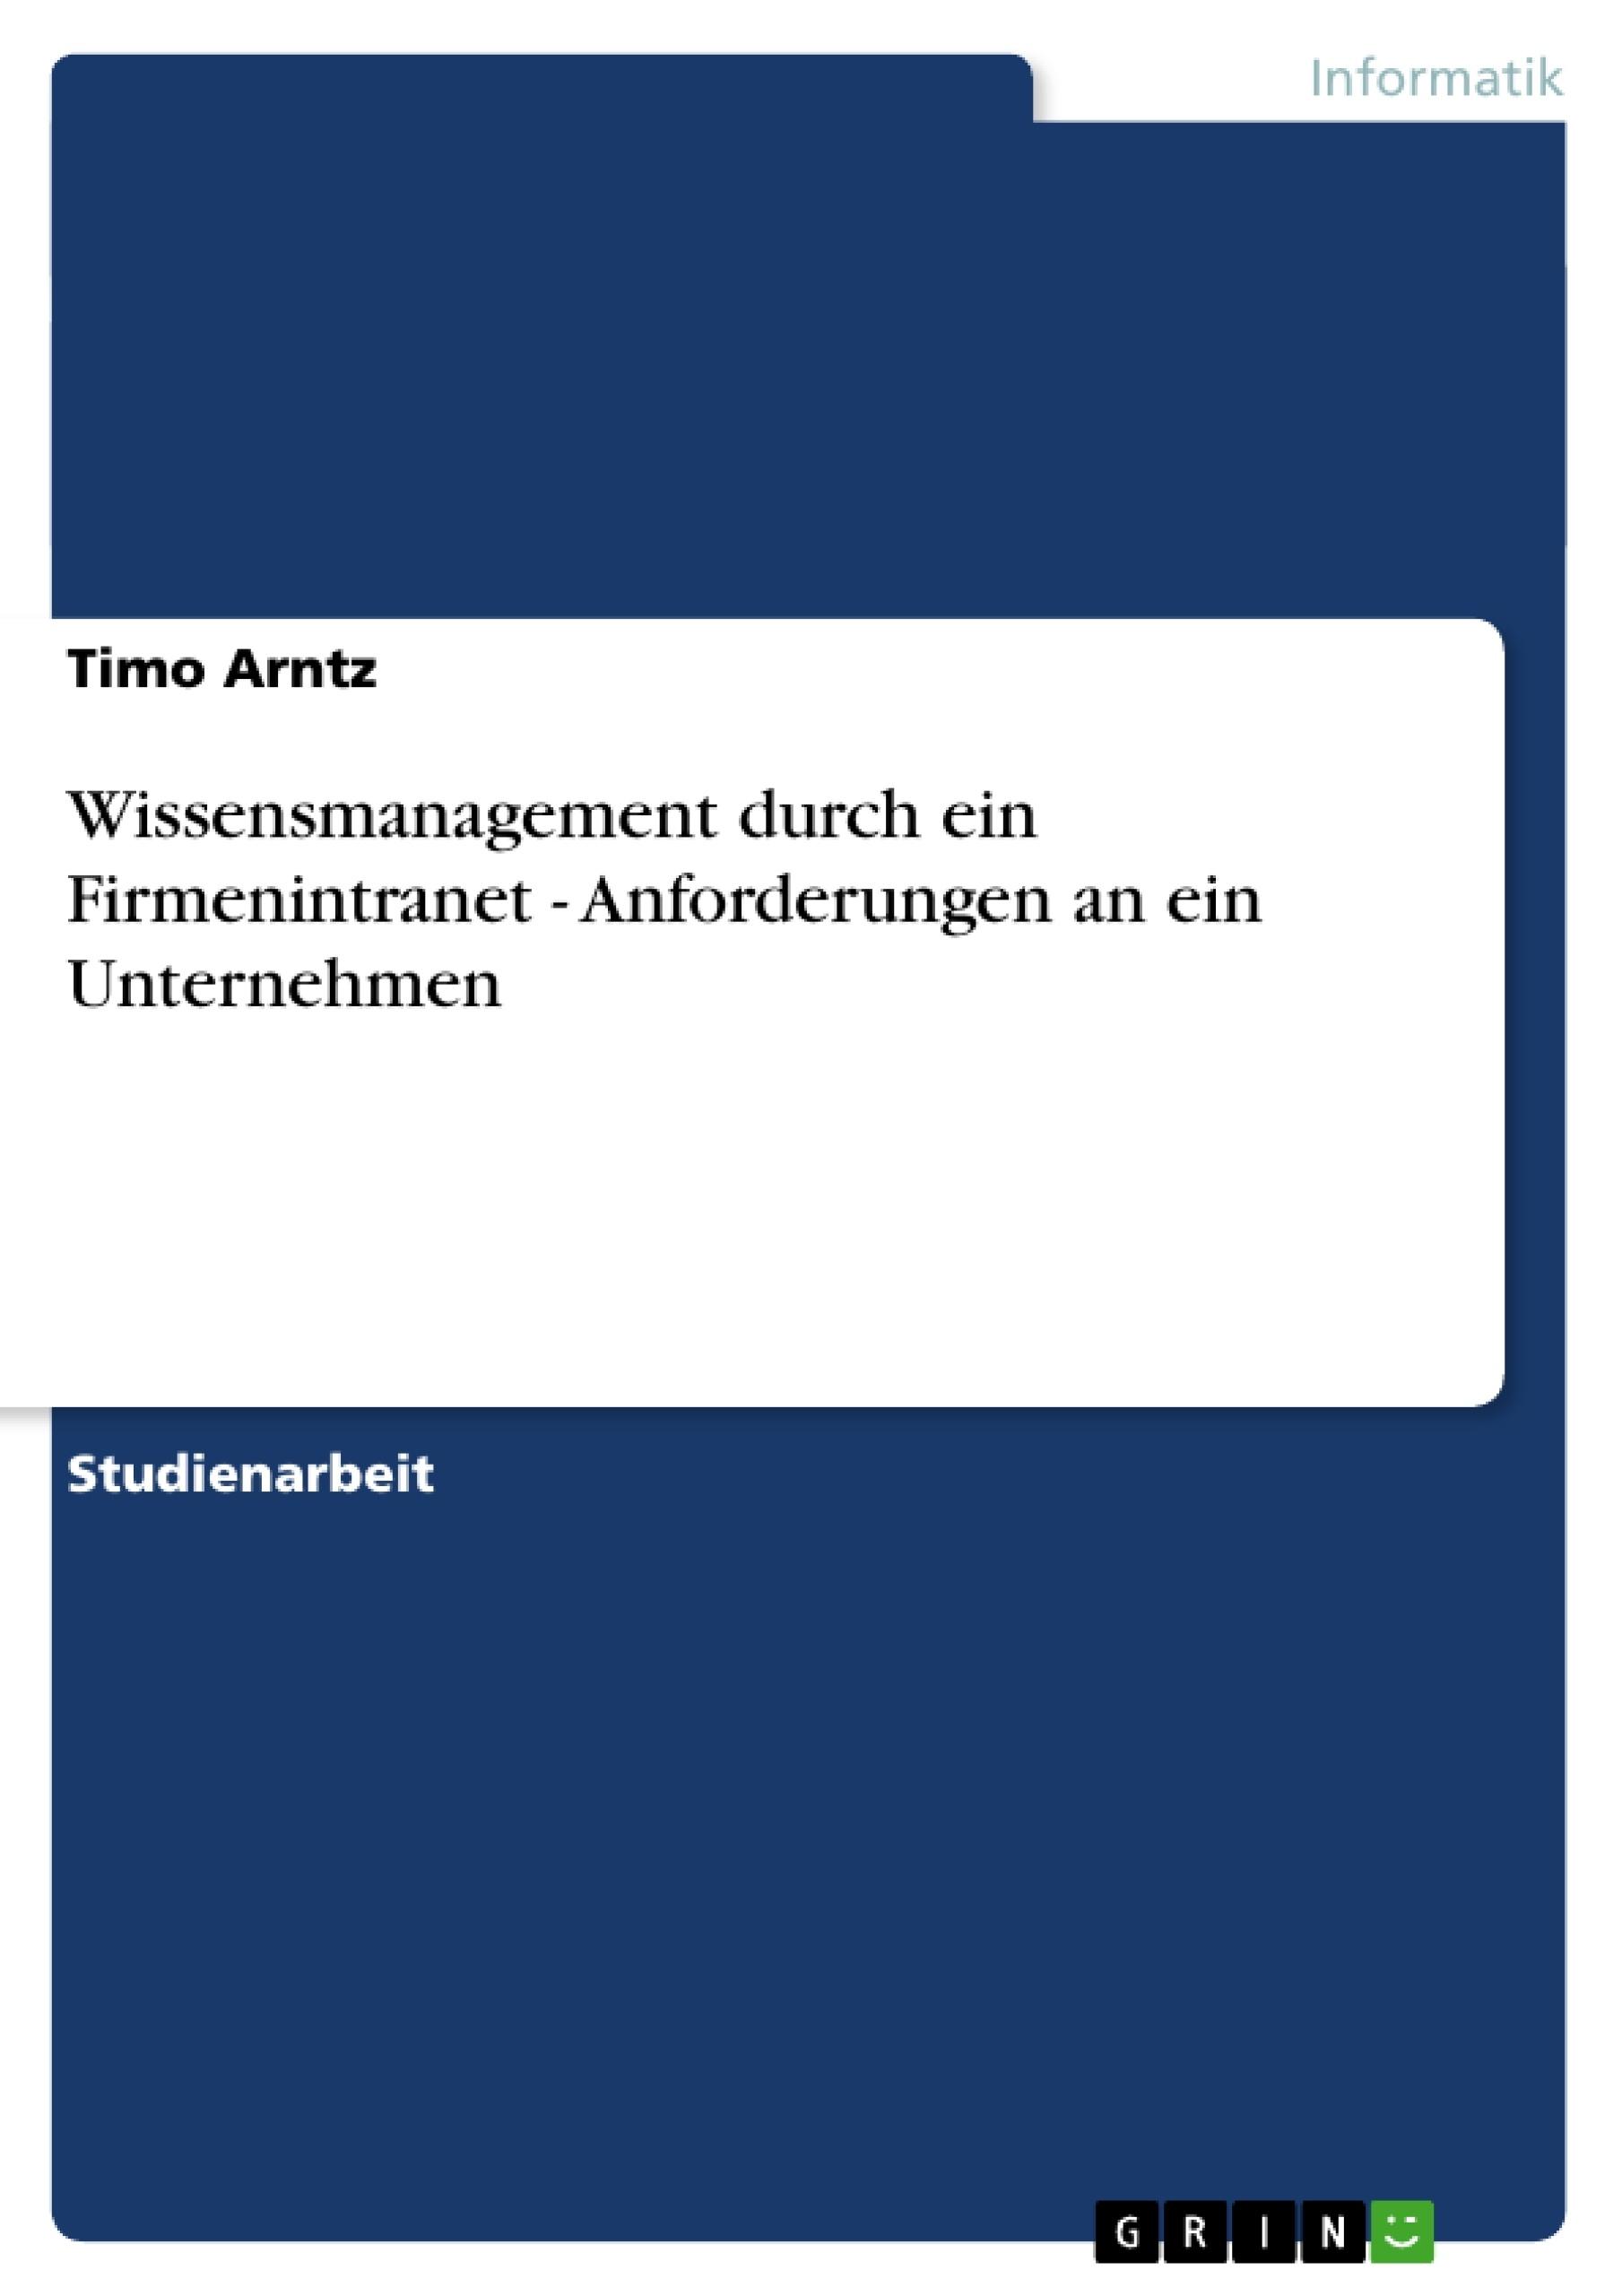 Titel: Wissensmanagement durch ein Firmenintranet - Anforderungen an ein Unternehmen